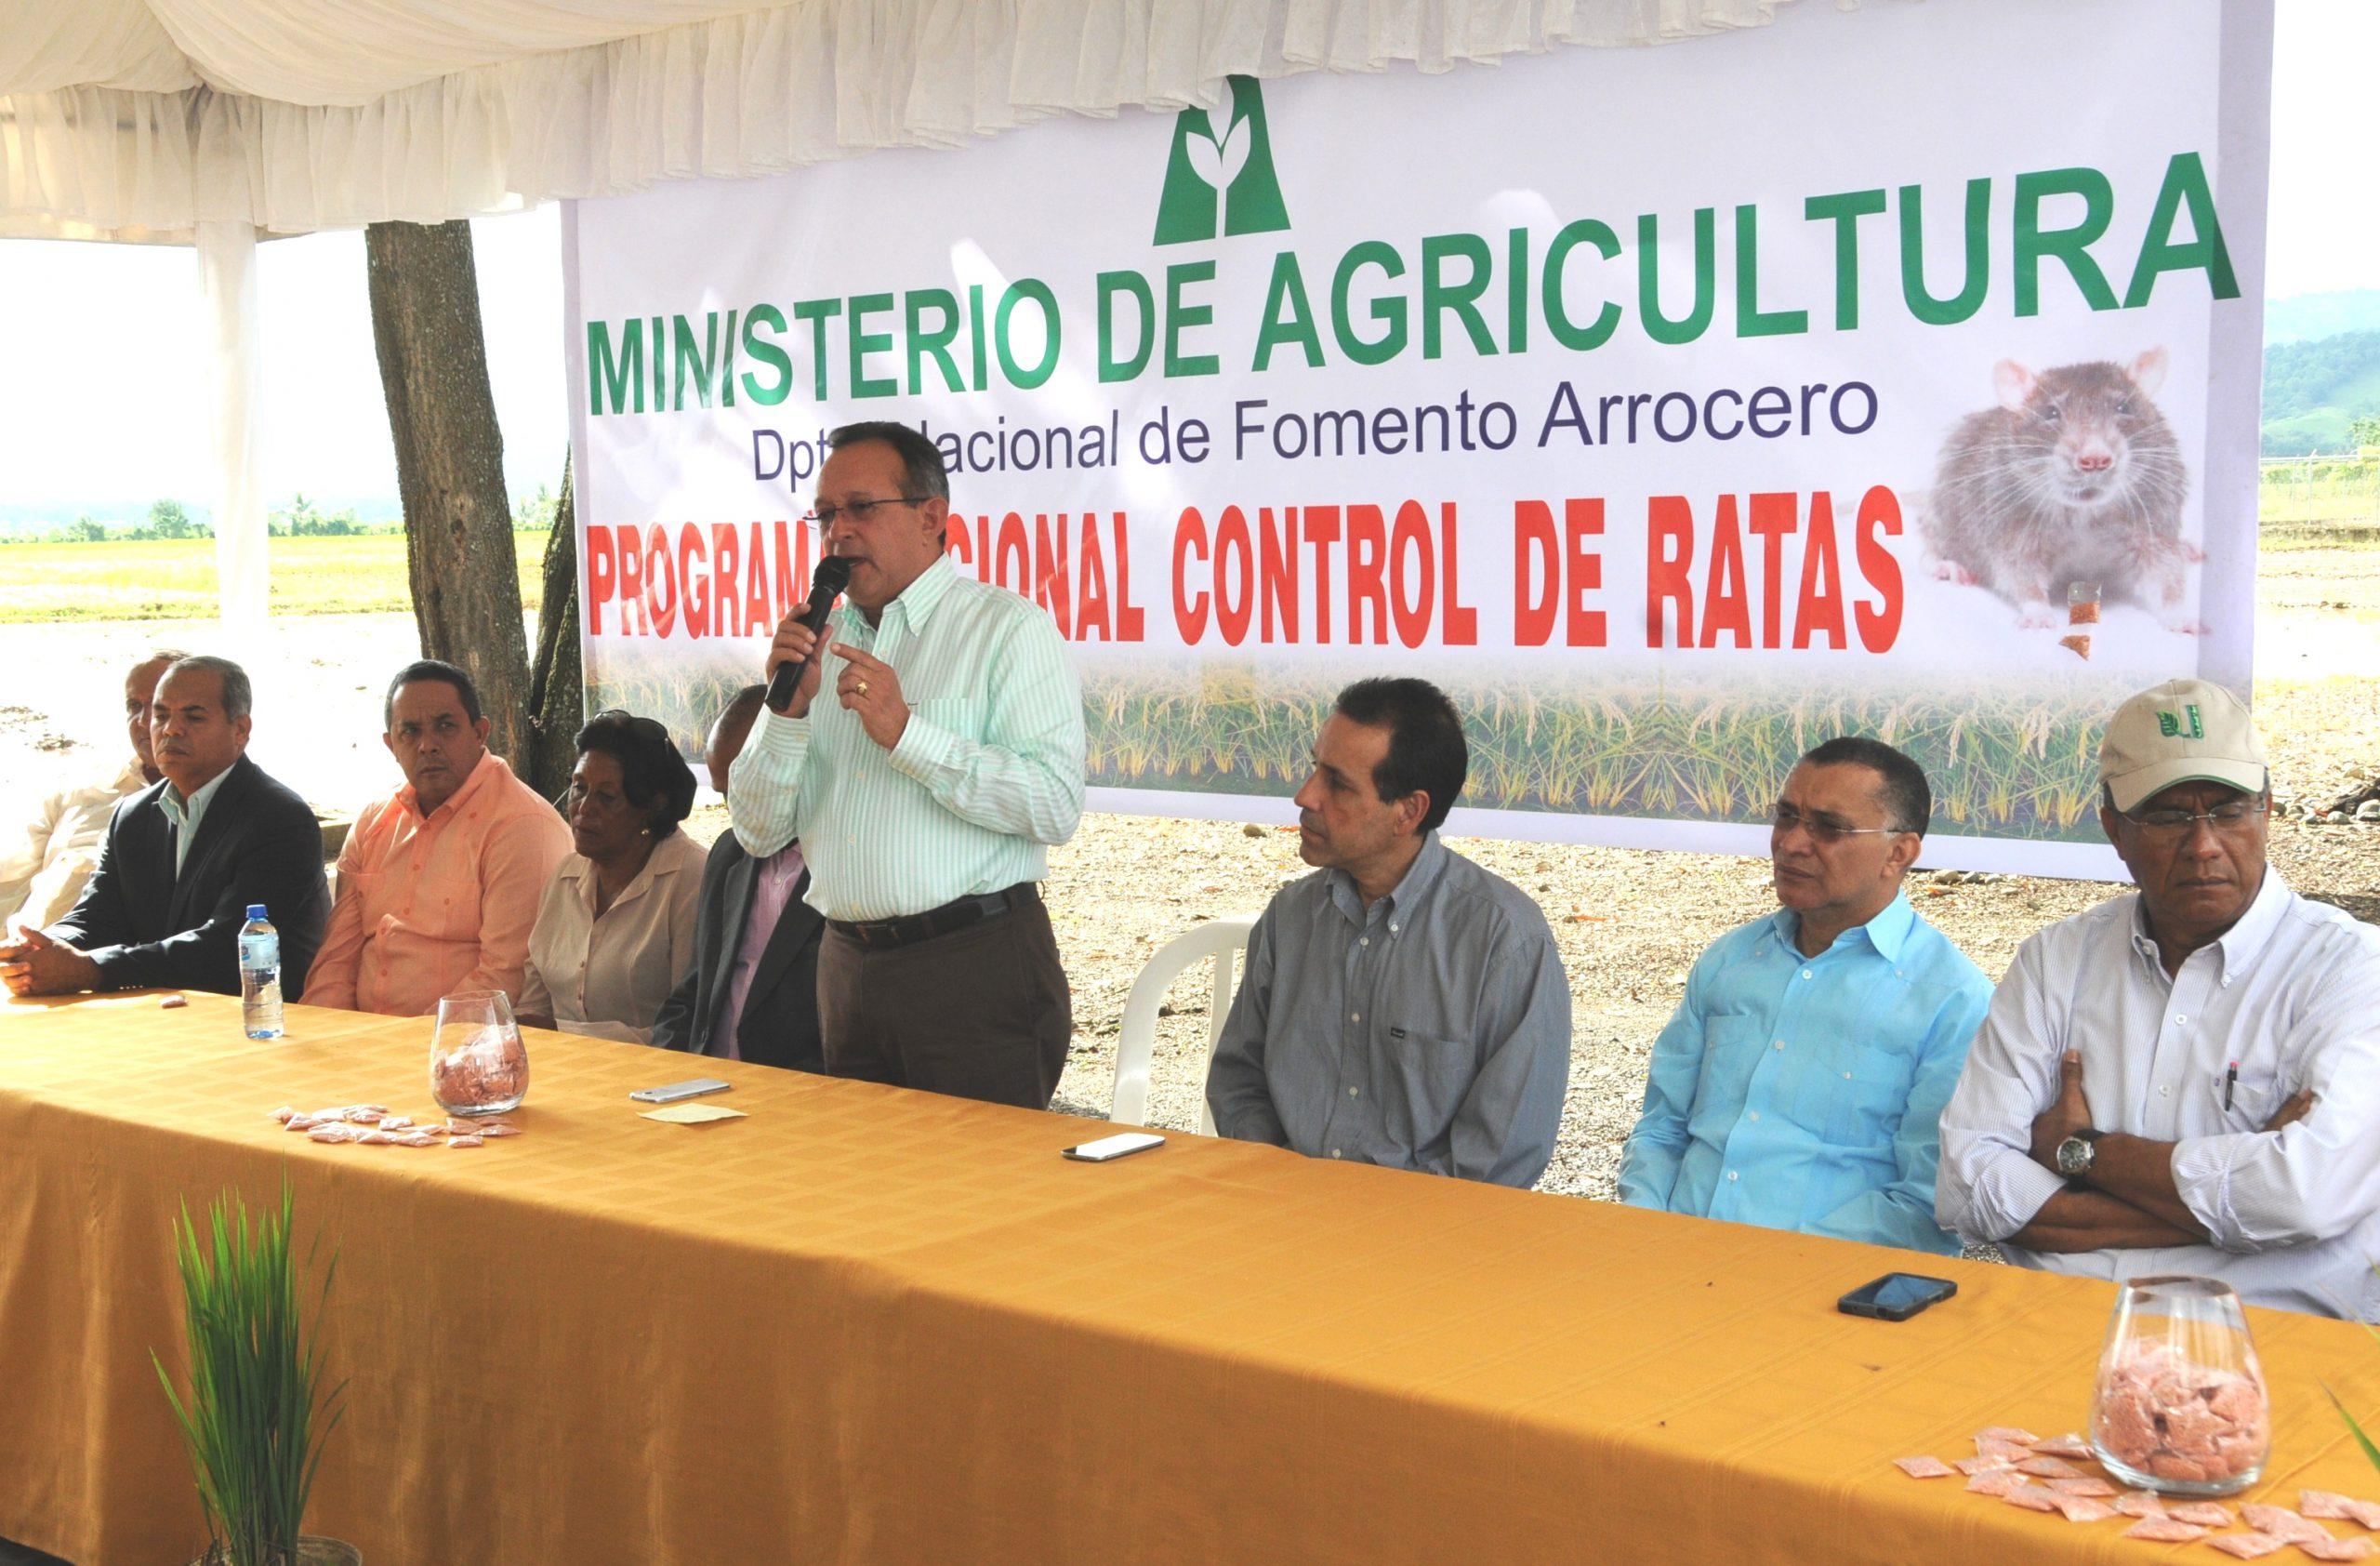 Ángel Estévez destacó la importancia de la unidad entre los productores de arroz para lograr excelentes resultados.